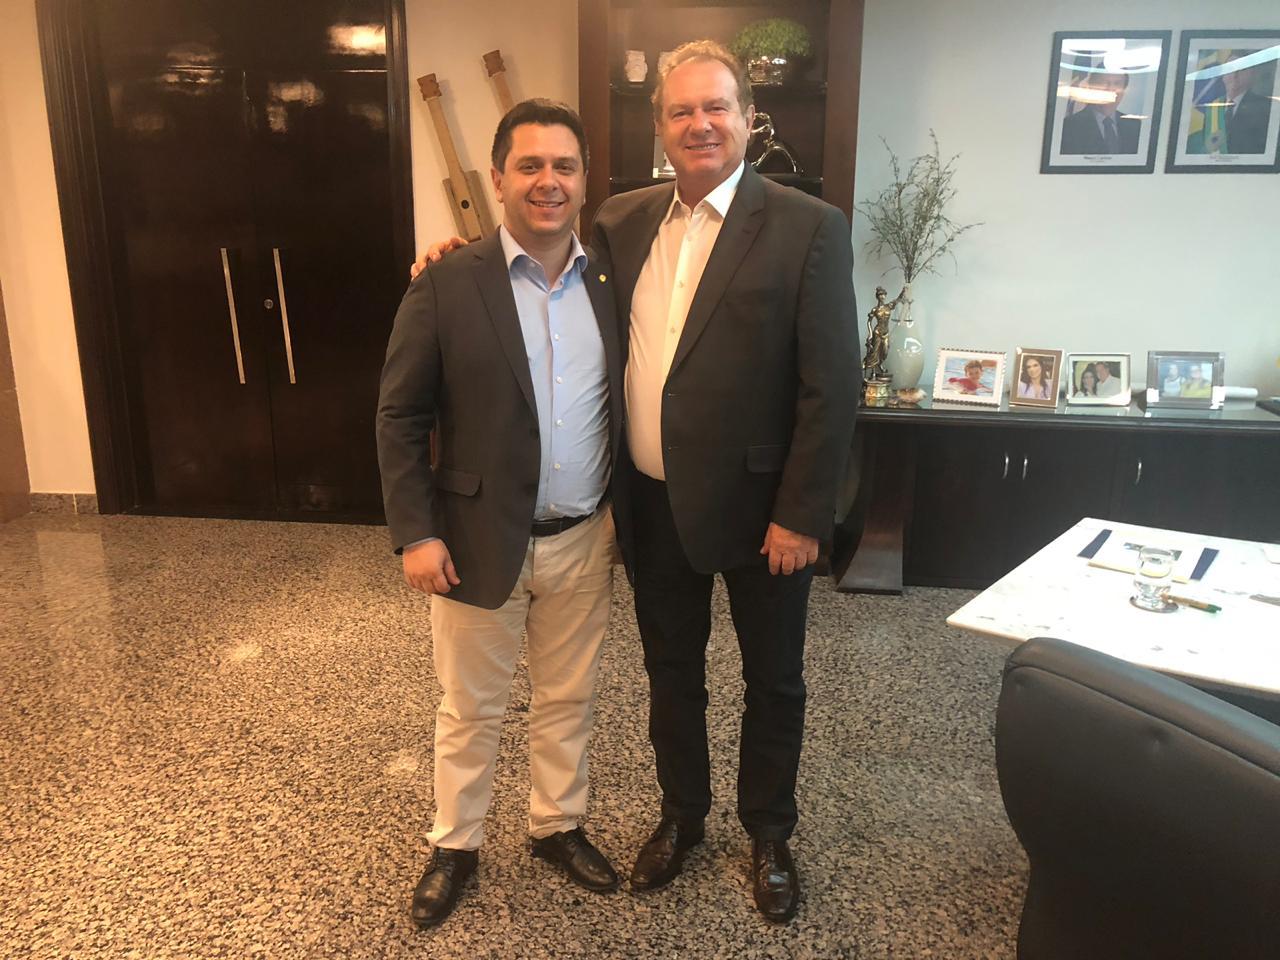 Deputado e prefeito explicam que aviões de pequeno porte poderiam ser os ideais para operar no Estado na rota Araguaína-Palmas, inclusive com ligação a Gurupi e o Jalapão